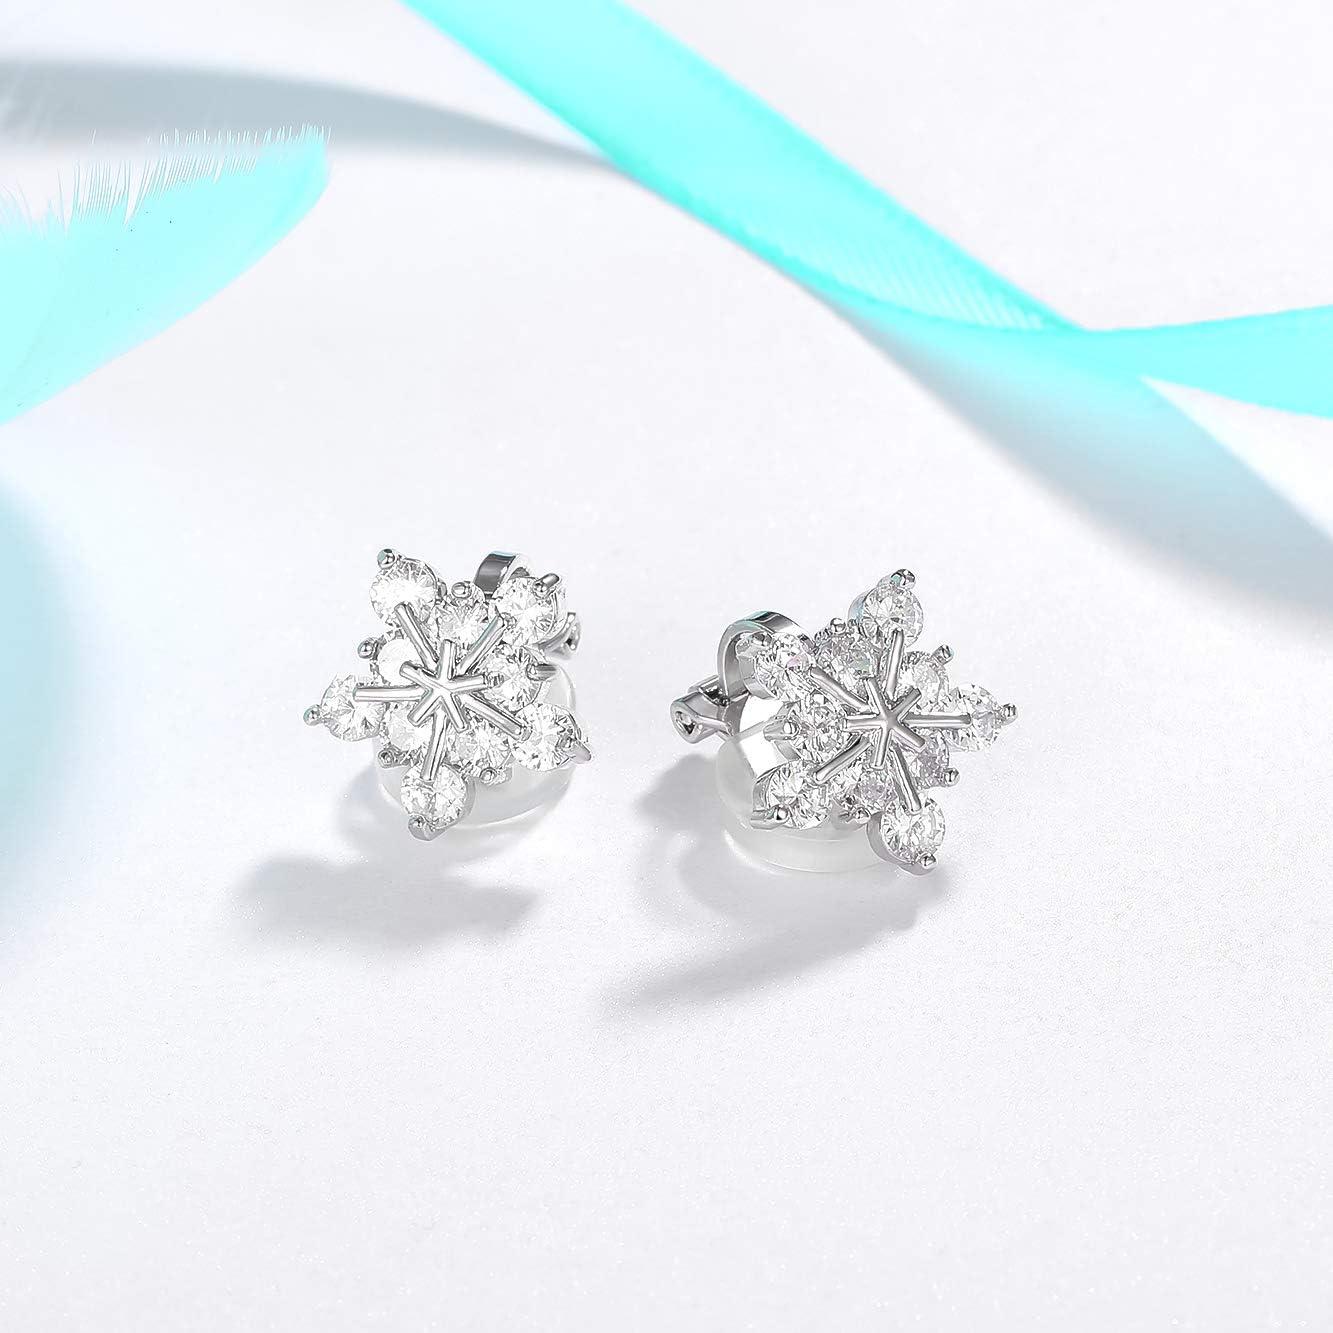 SELOVO Snowflake Flower Zircon Cubic Zirconia Clip on Stud Earrings for Women Girls